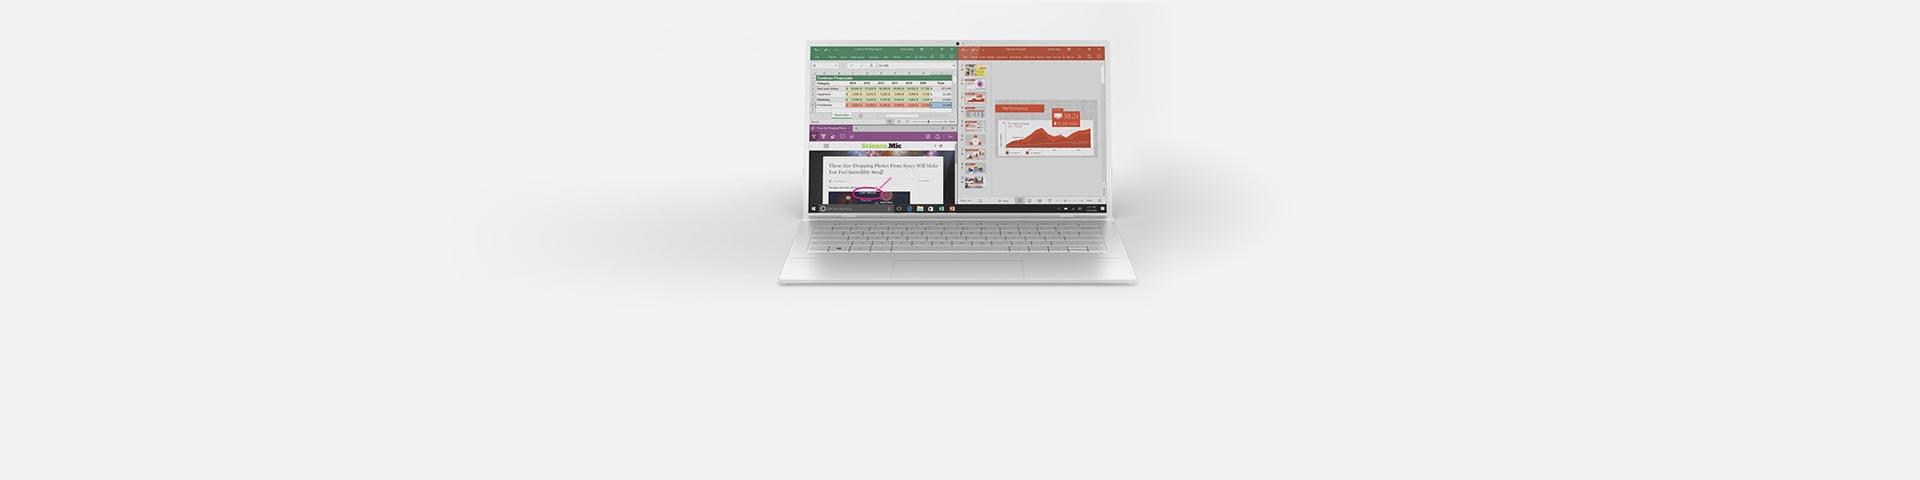 Ekranında Office uygulamaları görünen bir dizüstü bilgisayar